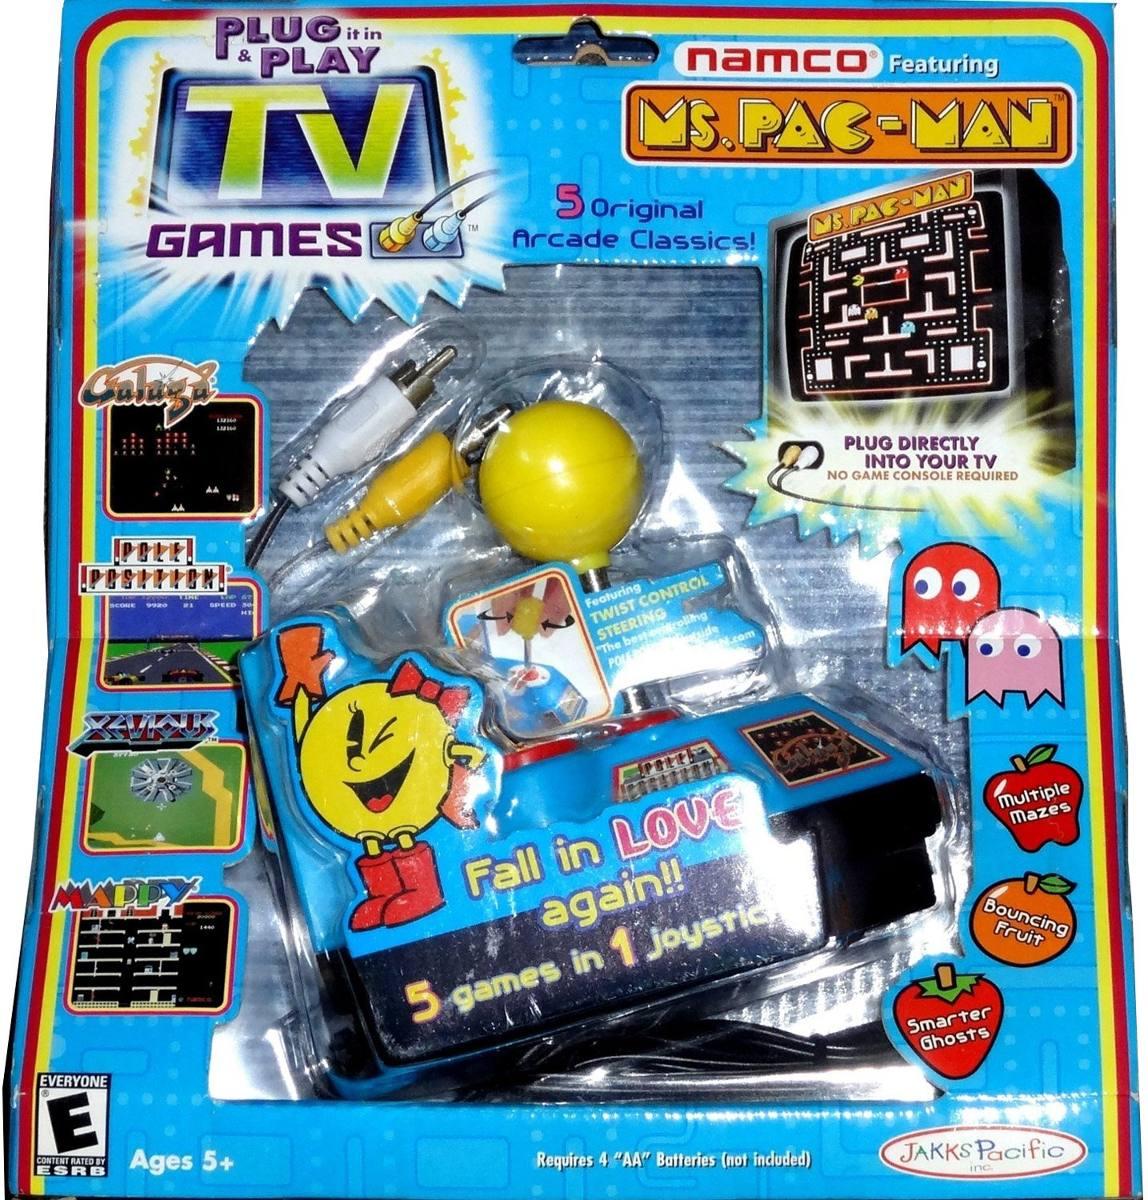 La Senora Pac Man Plug And Play Con 5 Juegos Arcade Clasicos